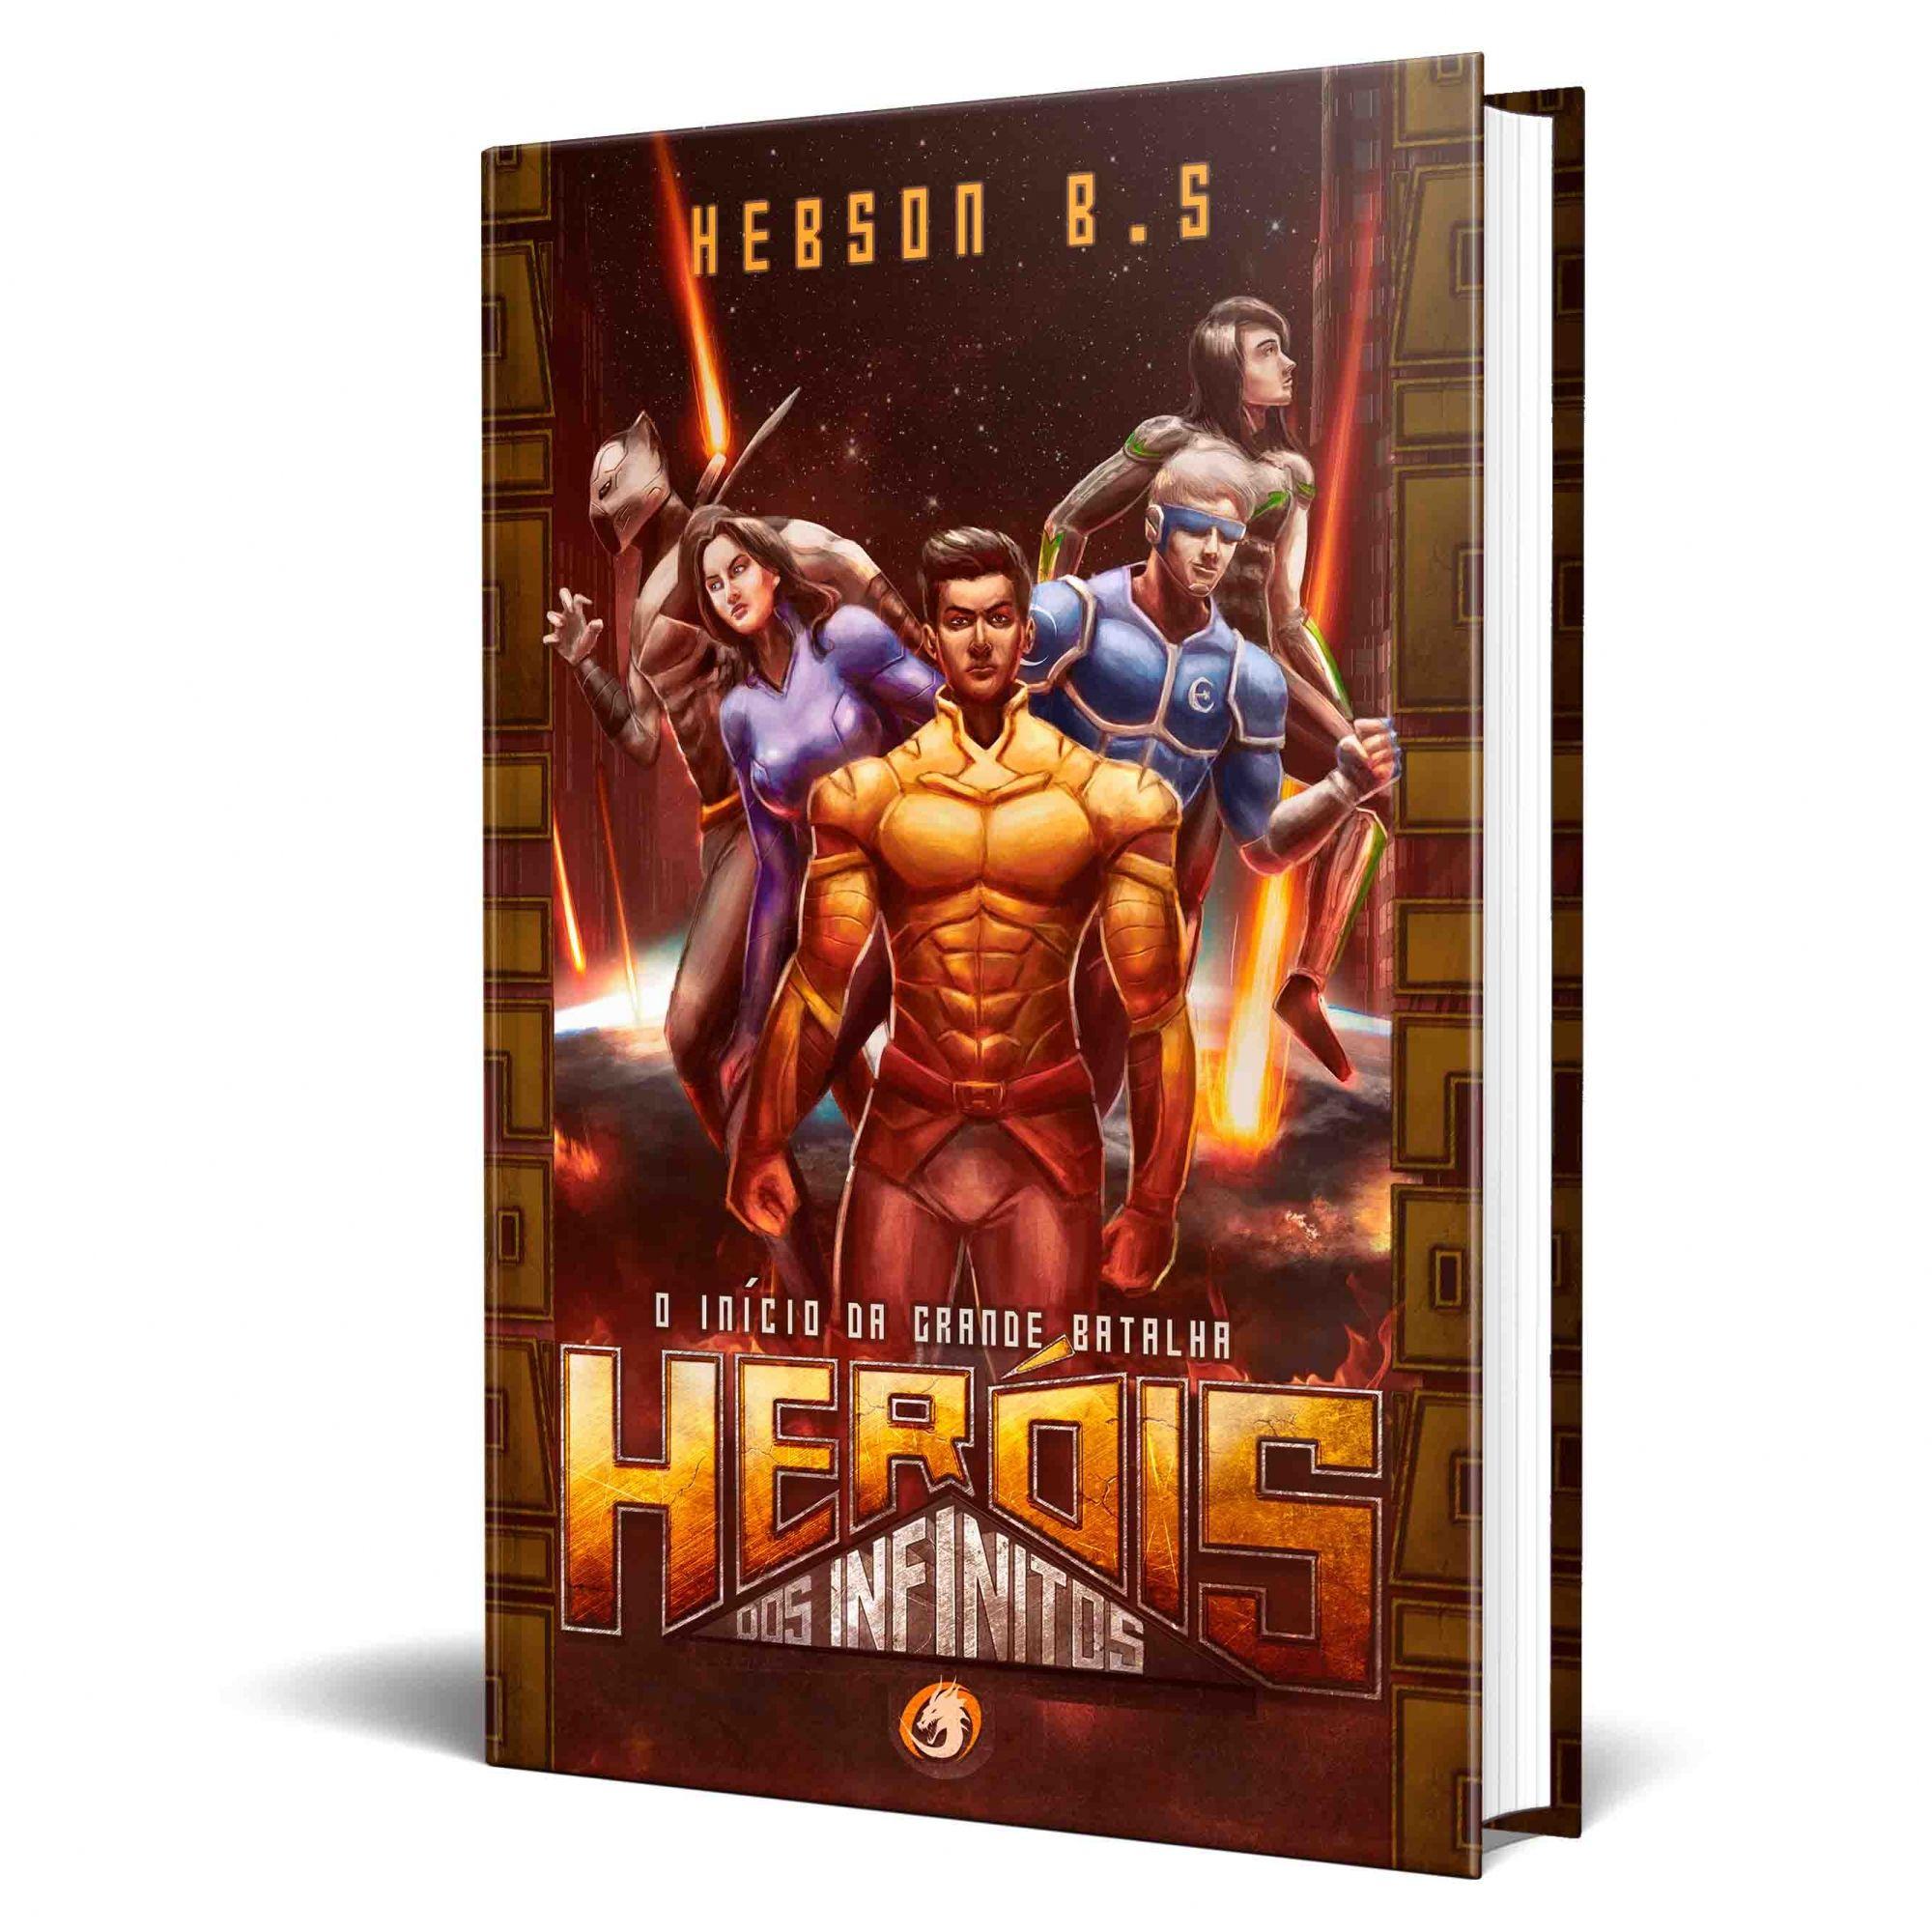 Livro Heróis dos Infinitos - O Início da Grande Batalha